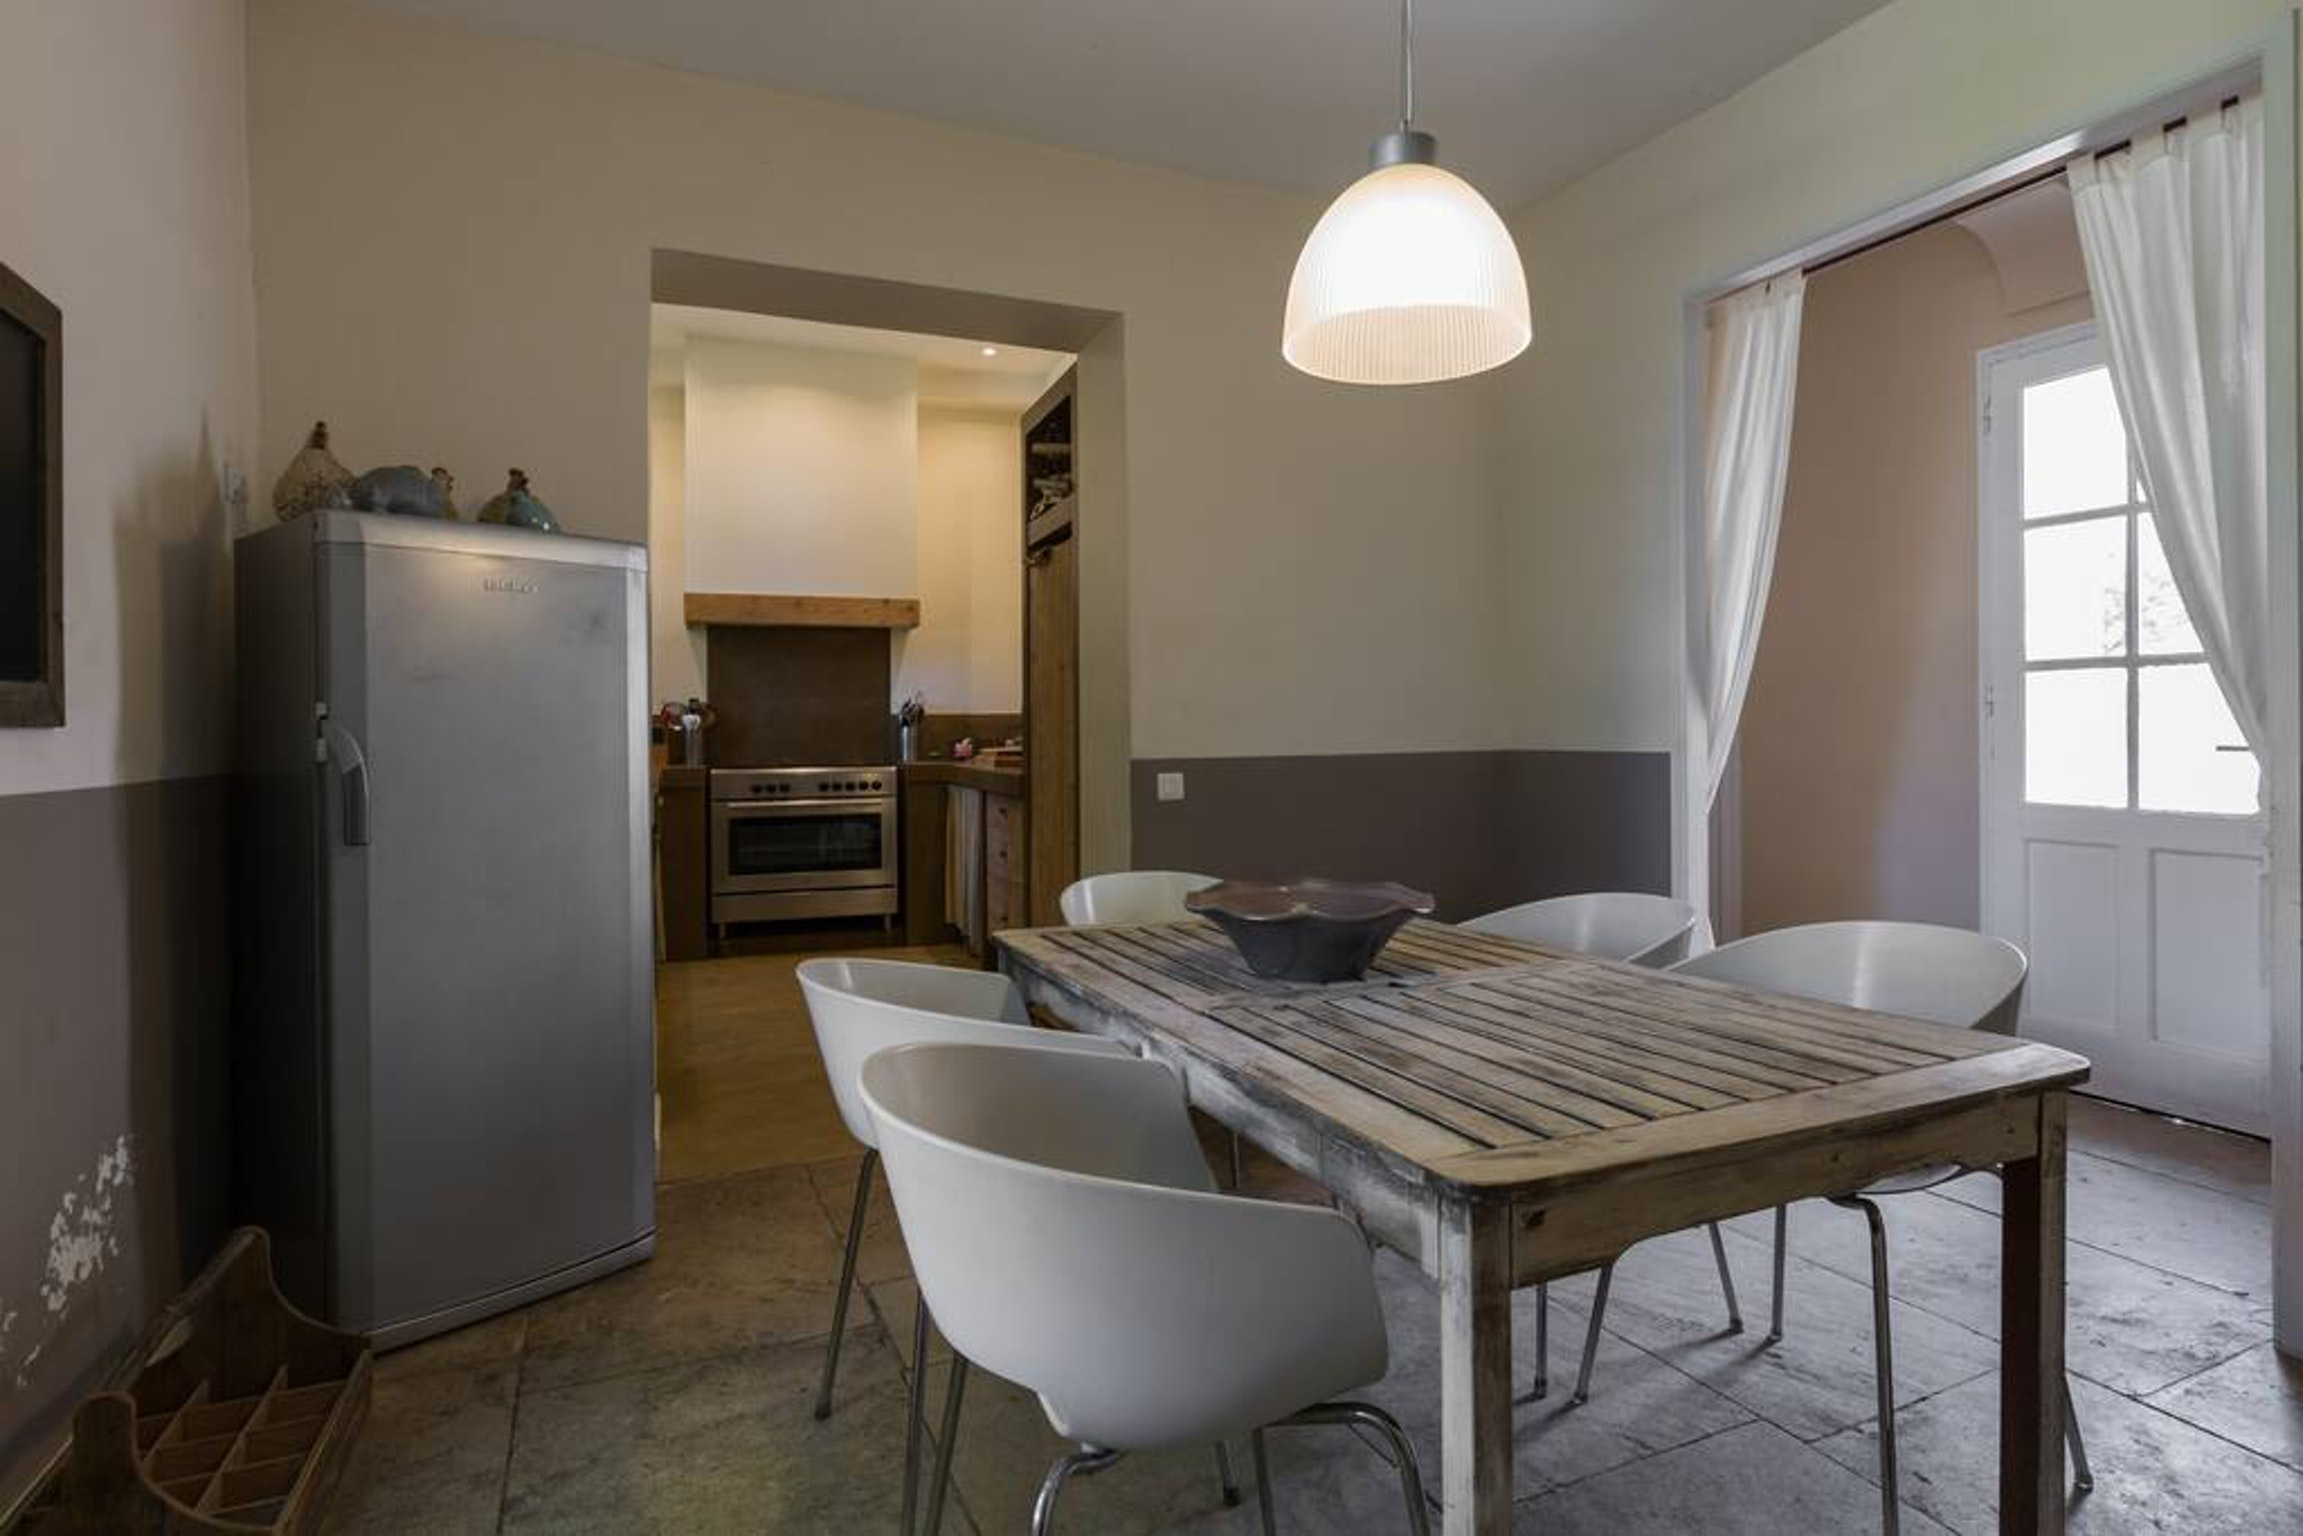 Maison de vacances Villa mit 6 Schlafzimmern in L'Isle-sur-la-Sorgue mit privatem Pool, möbliertem Garten und (2647203), L'Isle sur la Sorgue, Vaucluse, Provence - Alpes - Côte d'Azur, France, image 23